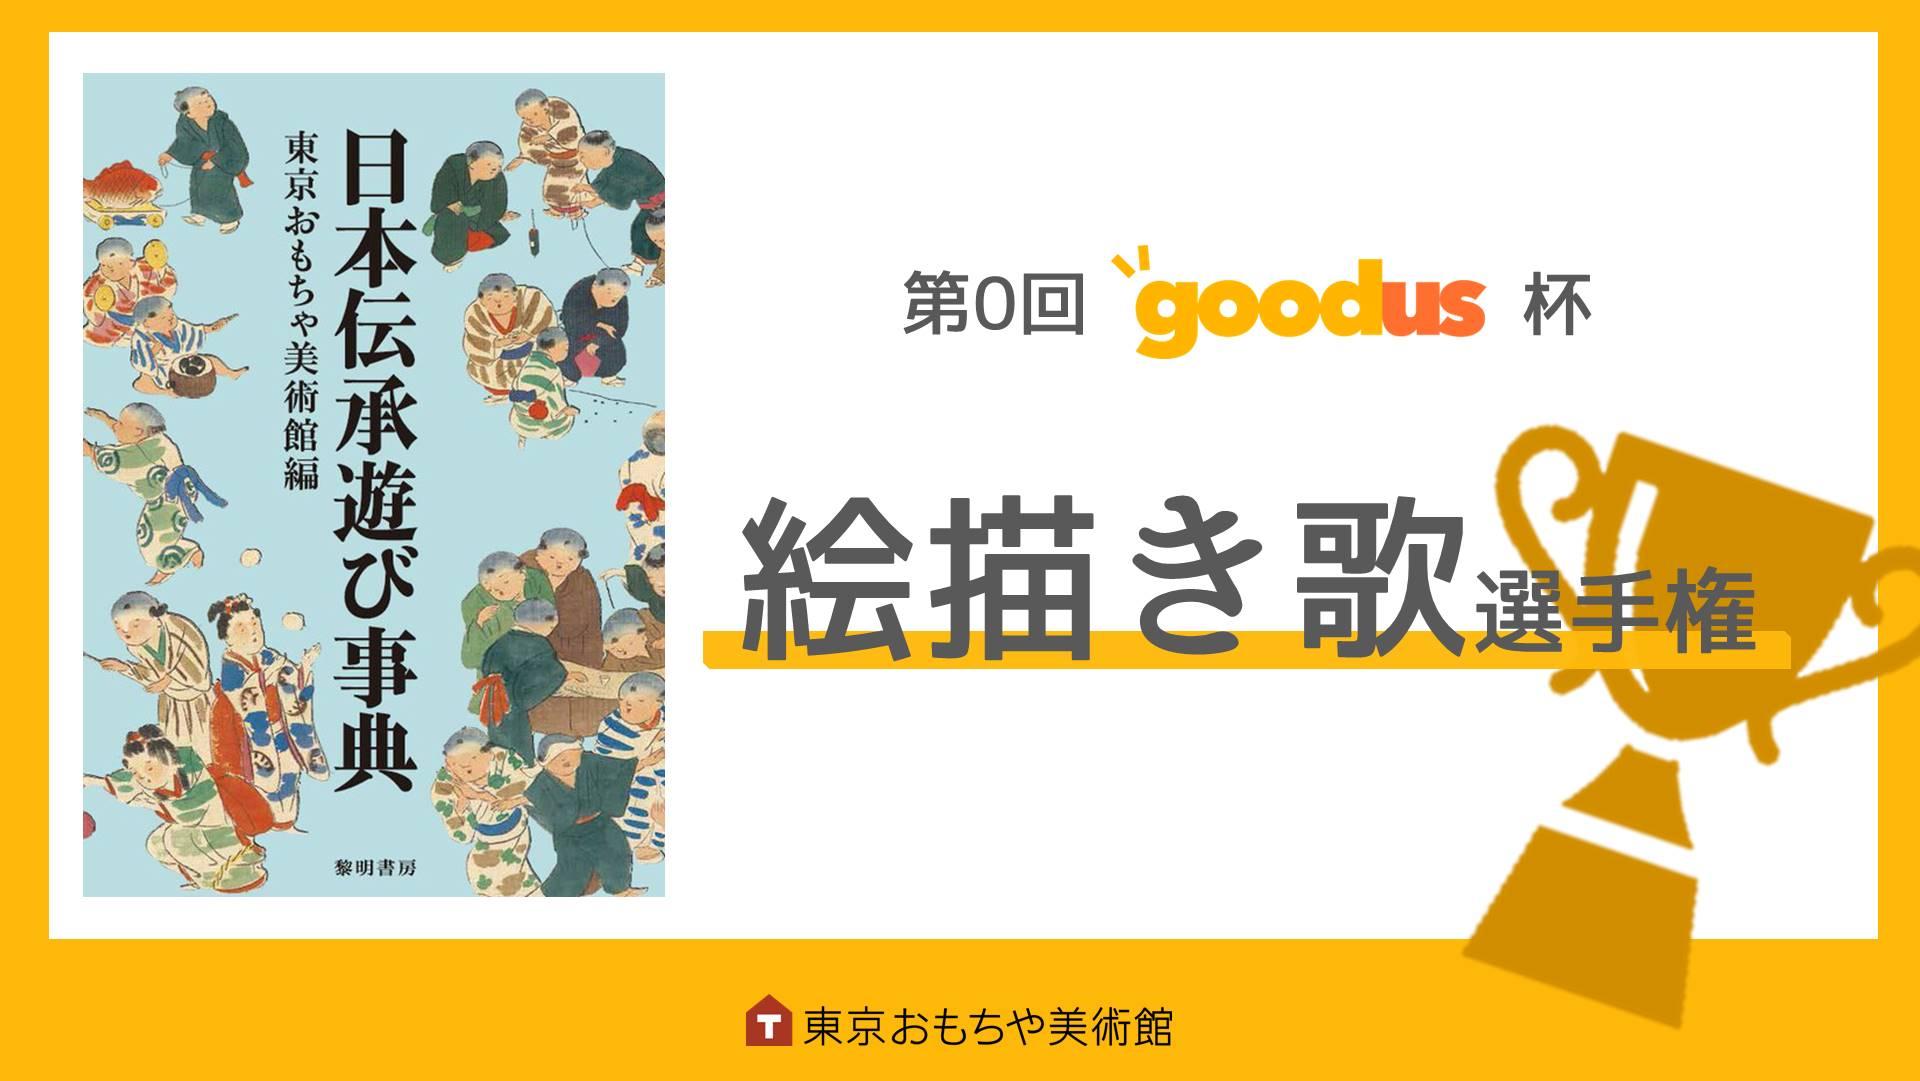 新春特別企画!めざせ「へのへのもへじ」名人!絵描き歌対決。『日本伝承遊び事典』より